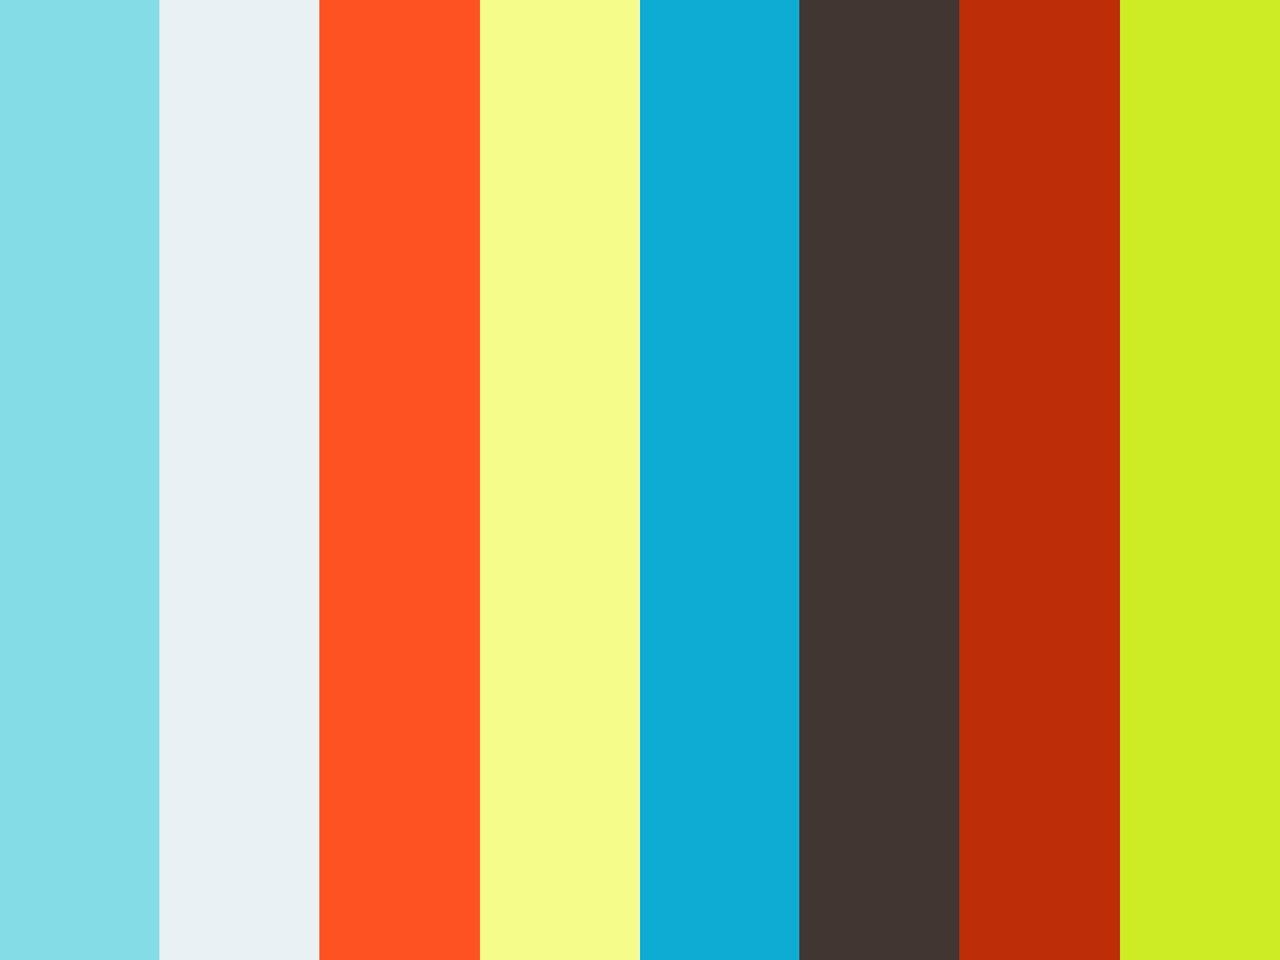 paletteapp | crunchbase